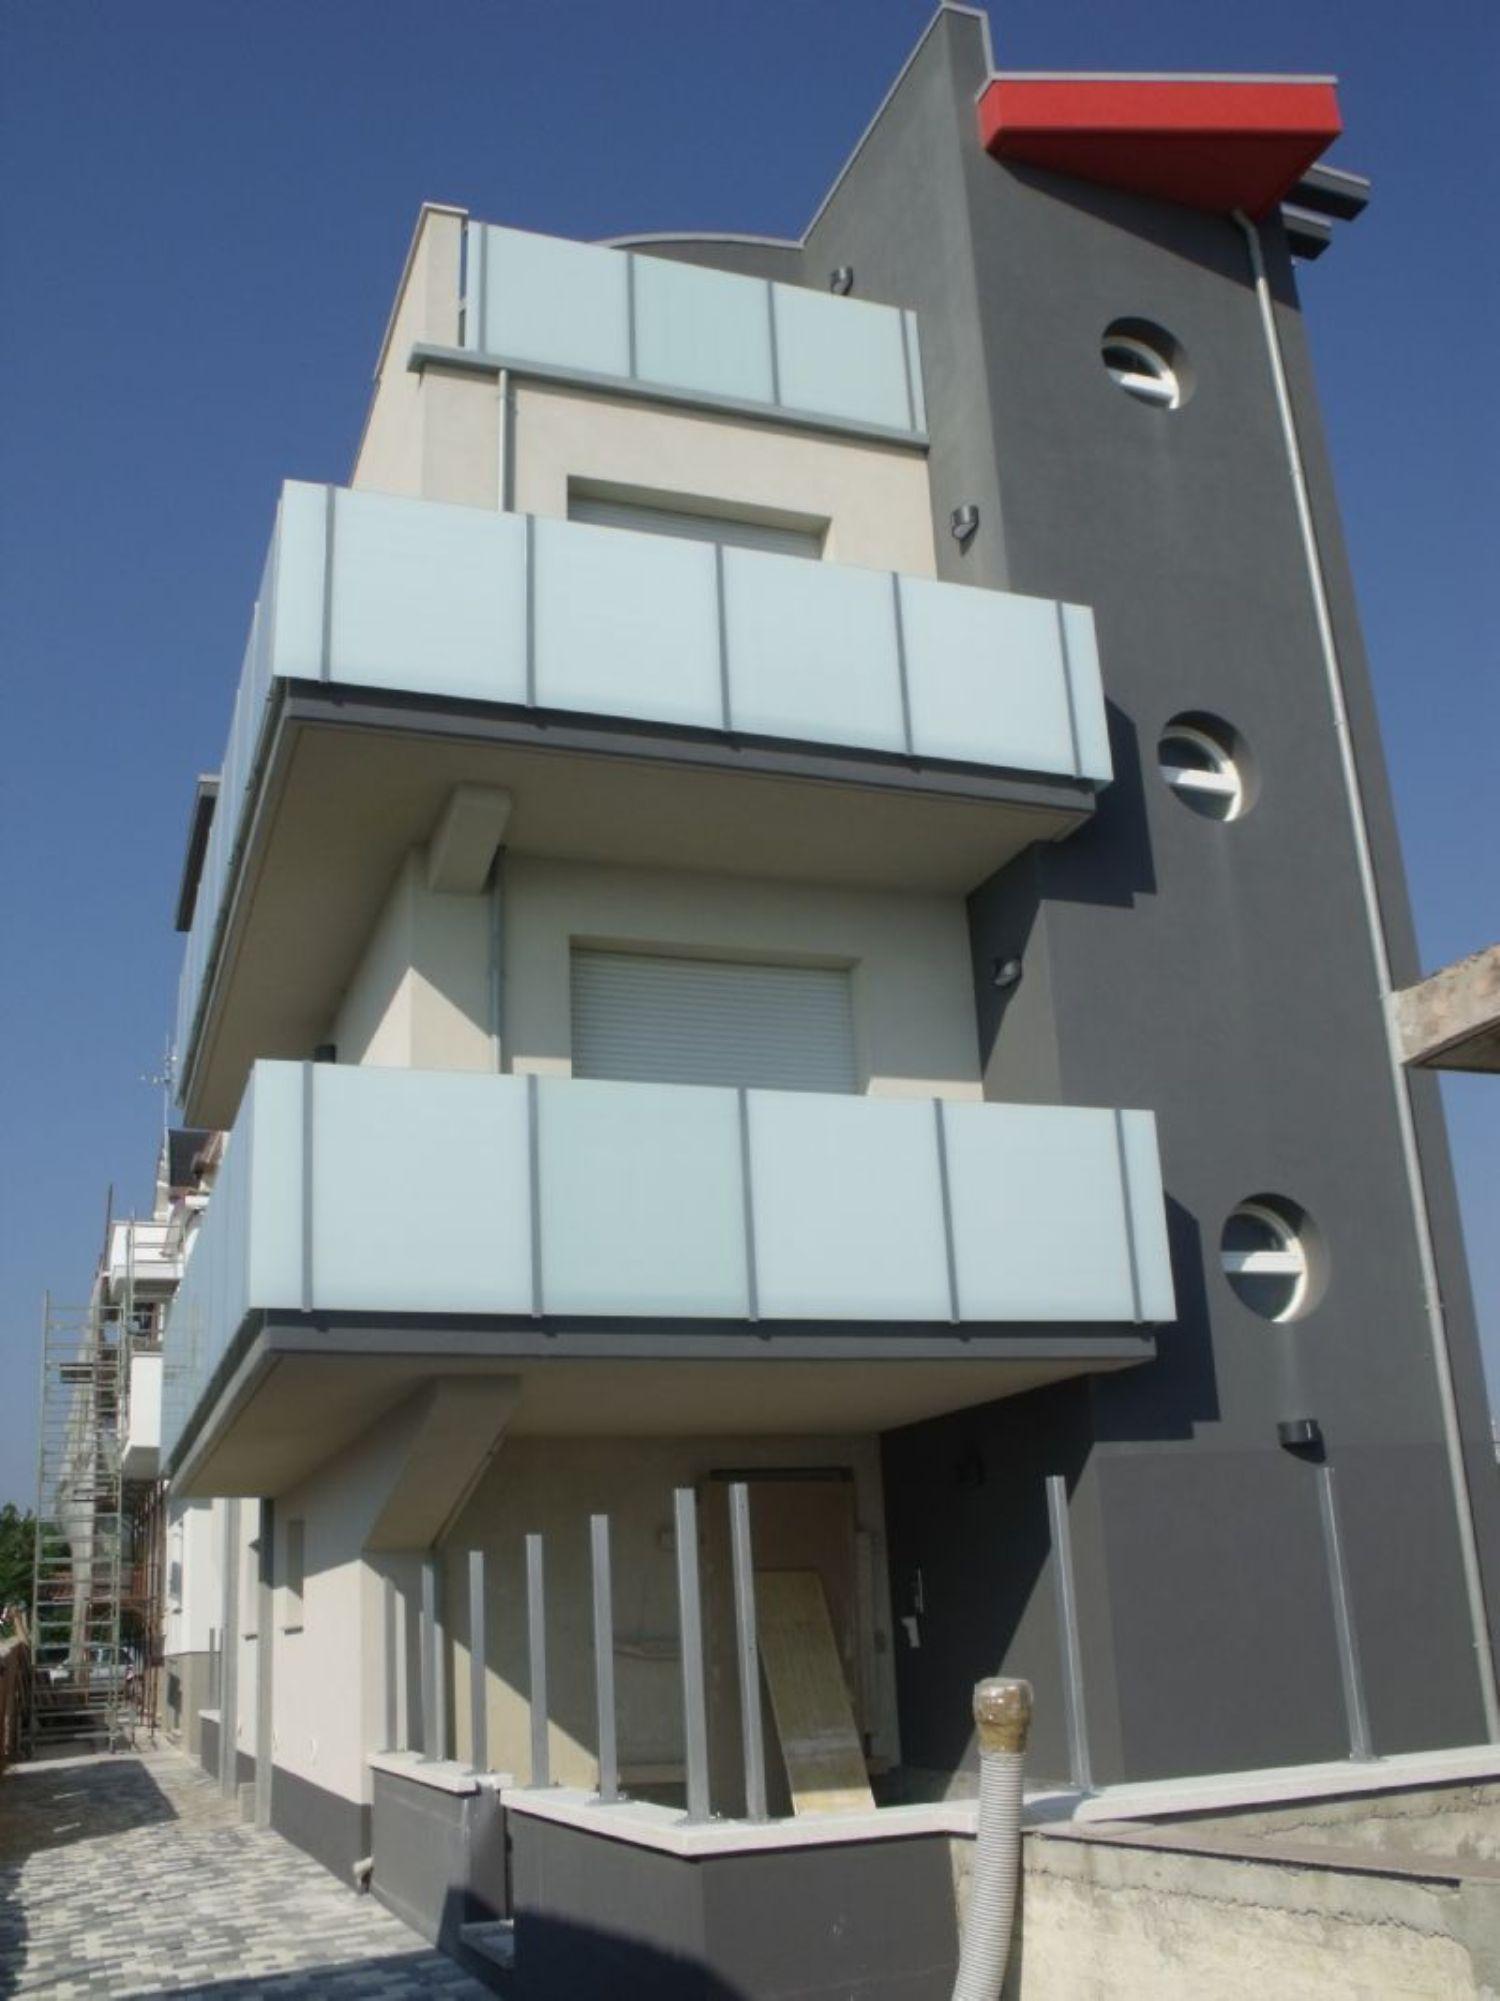 Appartamento in vendita a Francavilla al Mare, 3 locali, prezzo € 190.000 | Cambio Casa.it